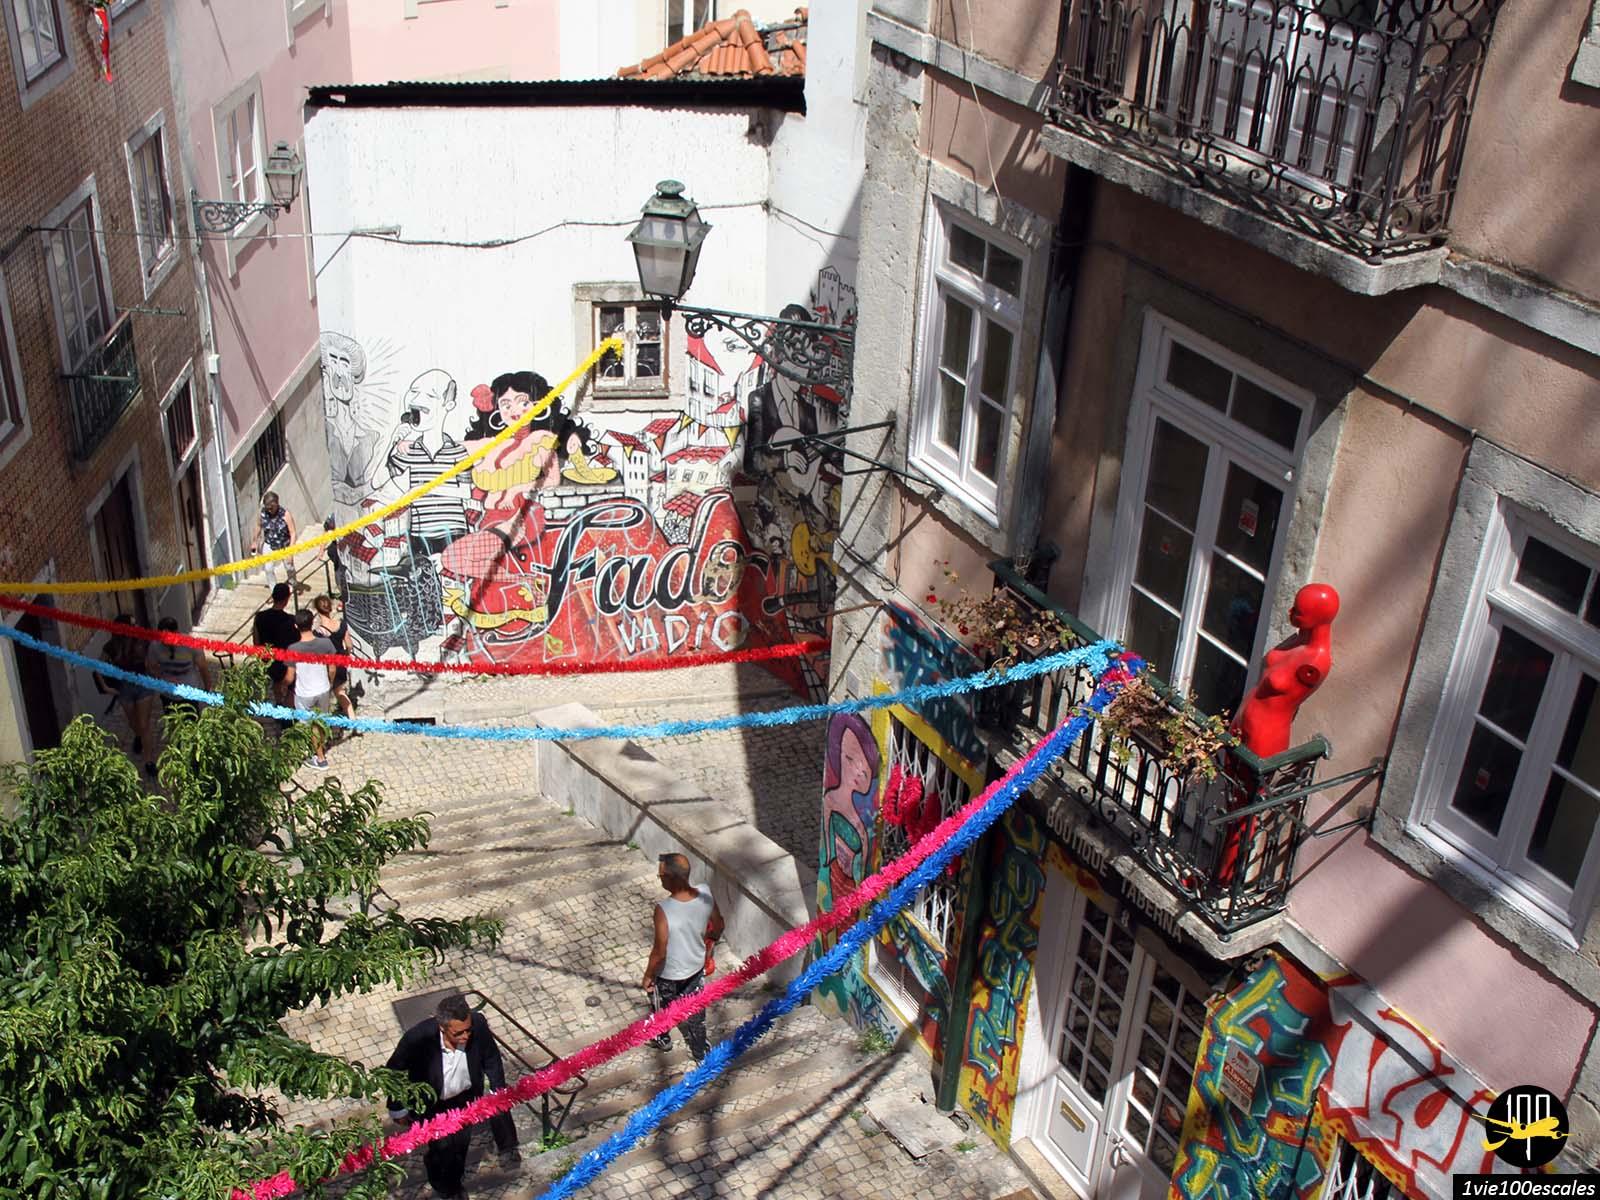 Les ruelles colorées du quartier Bairro Alto de Lisbonne